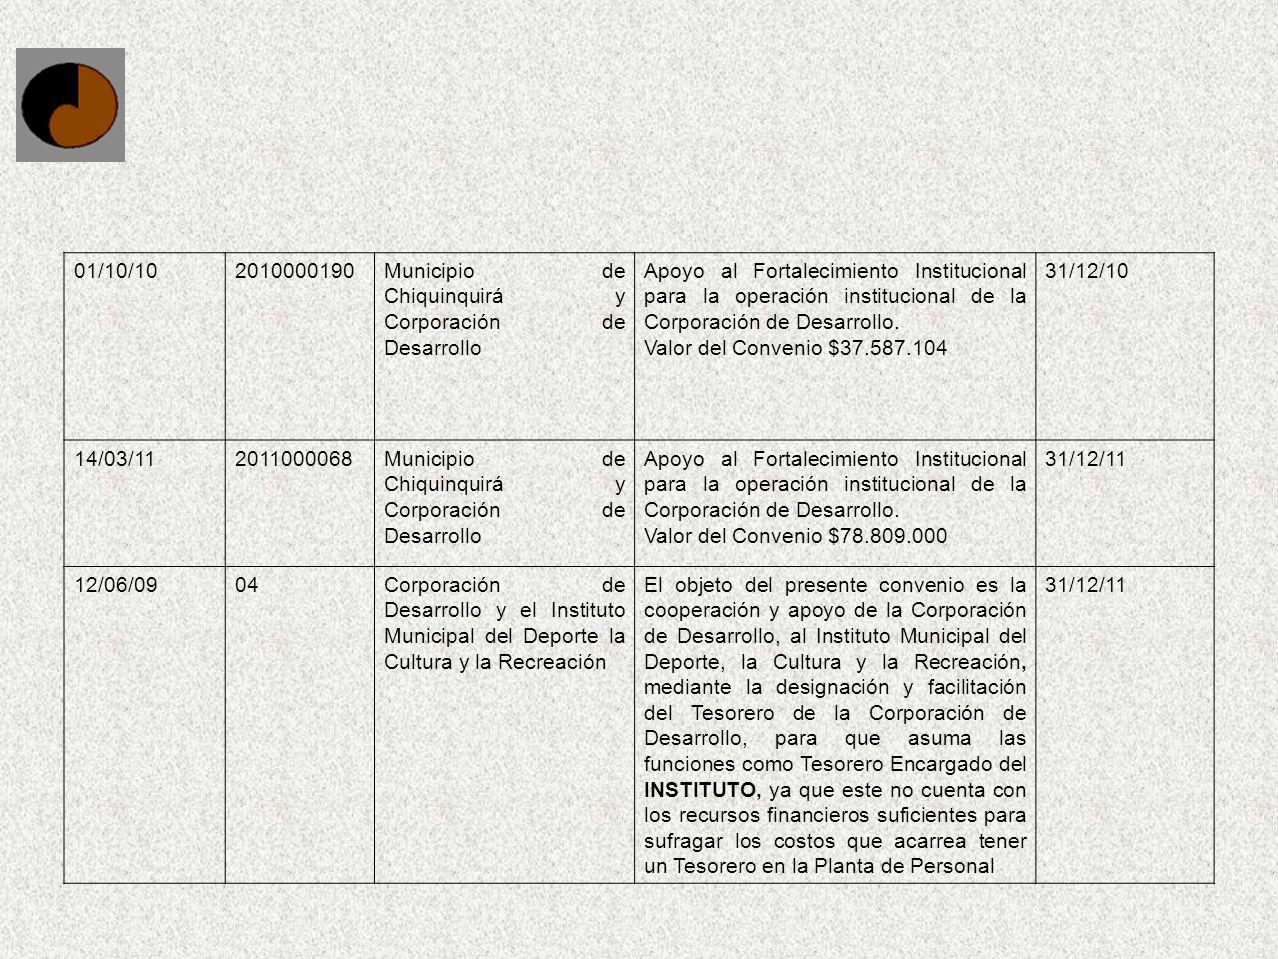 01/10/102010000190. Municipio de Chiquinquirá y Corporación de Desarrollo.